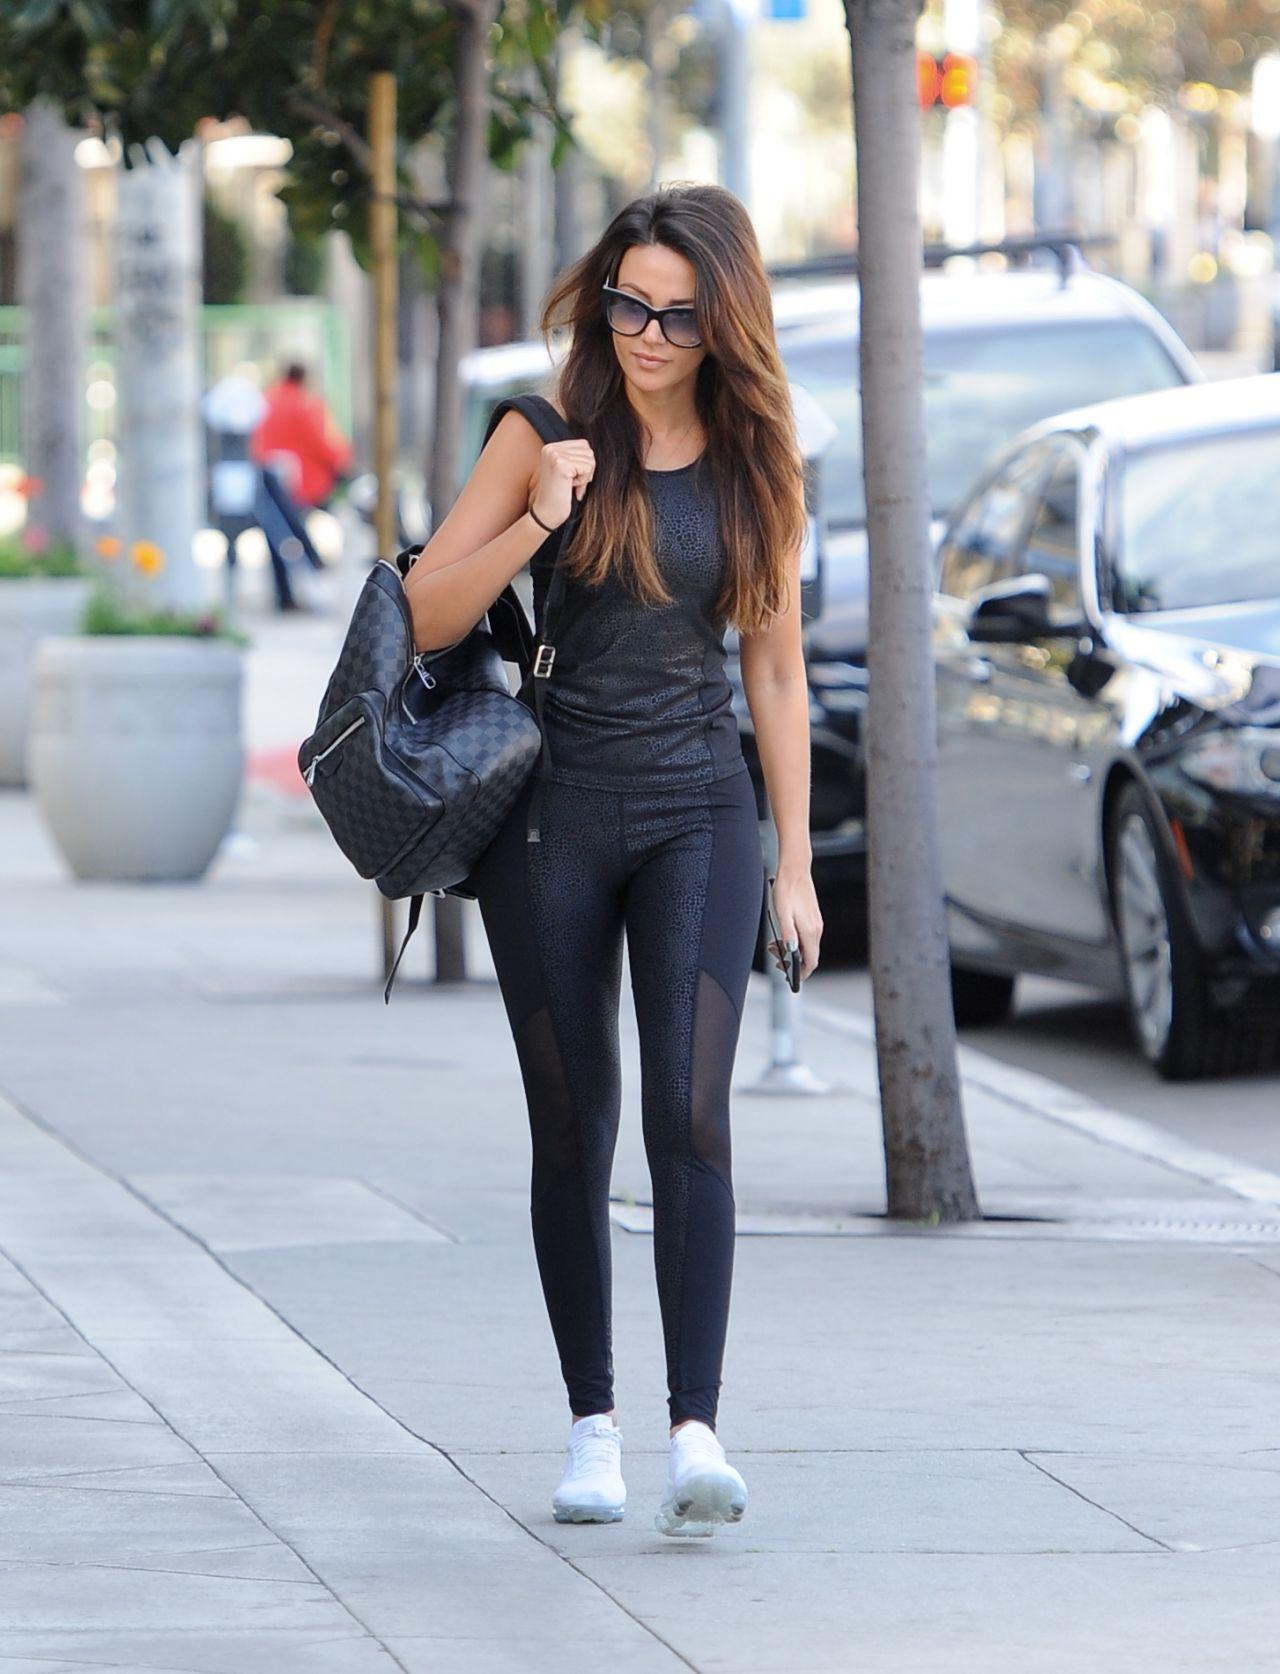 Prada handbag celebrity